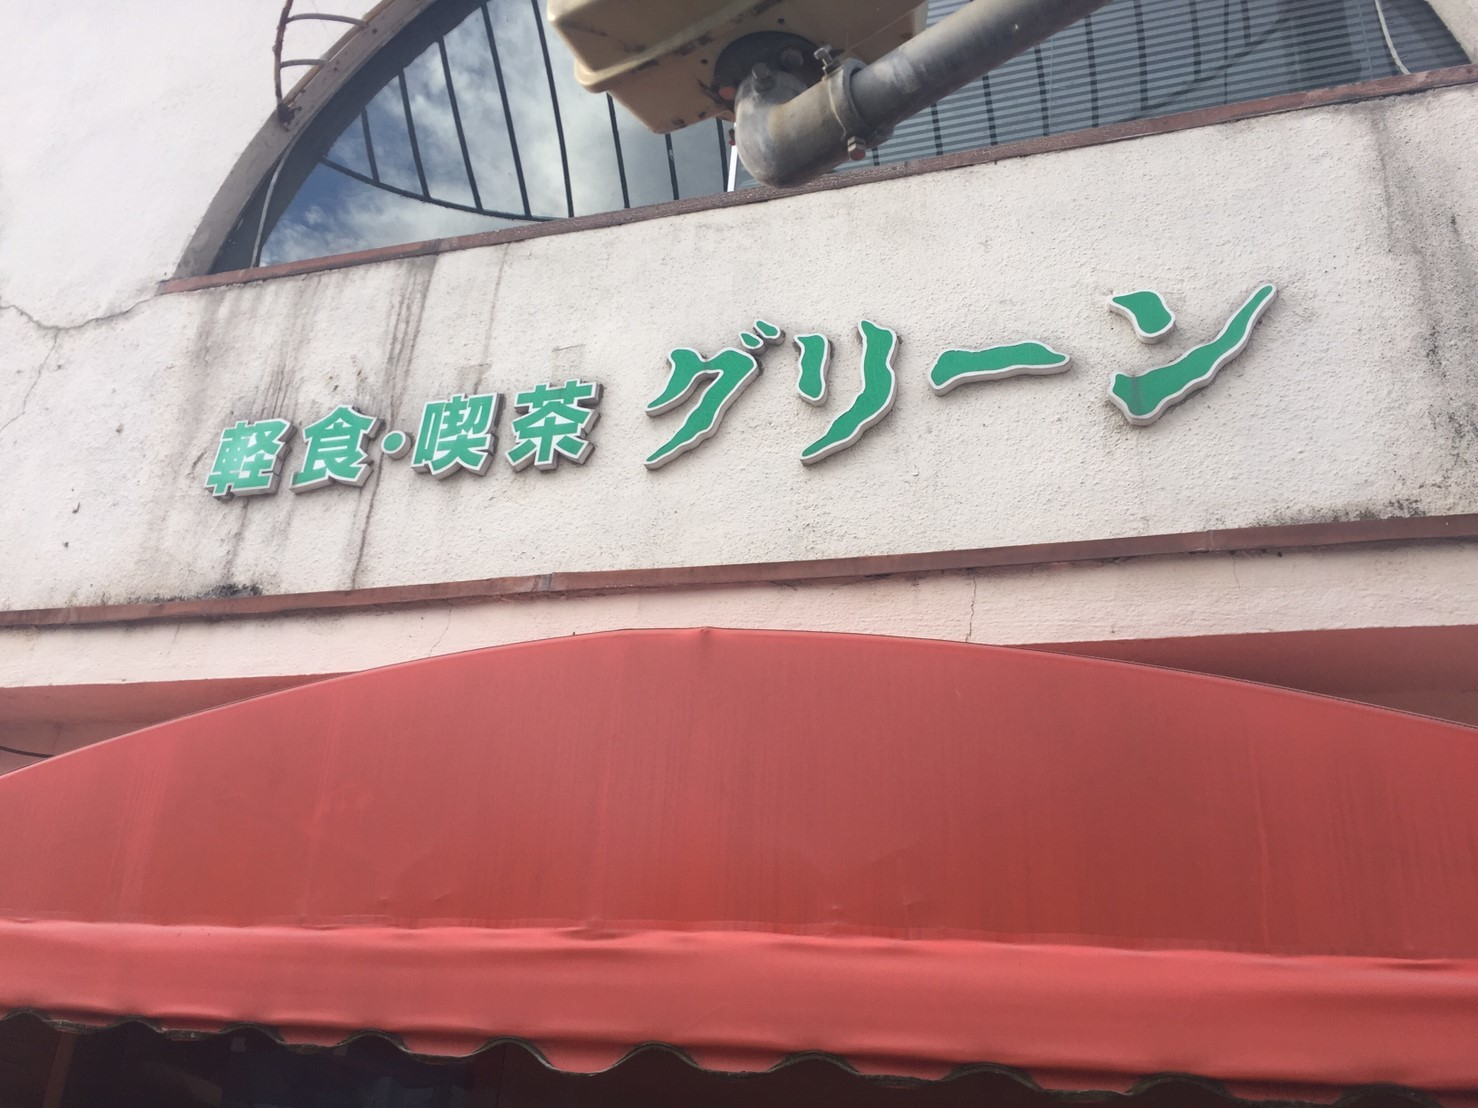 喫茶フォルダー 10_e0115904_10572474.jpg